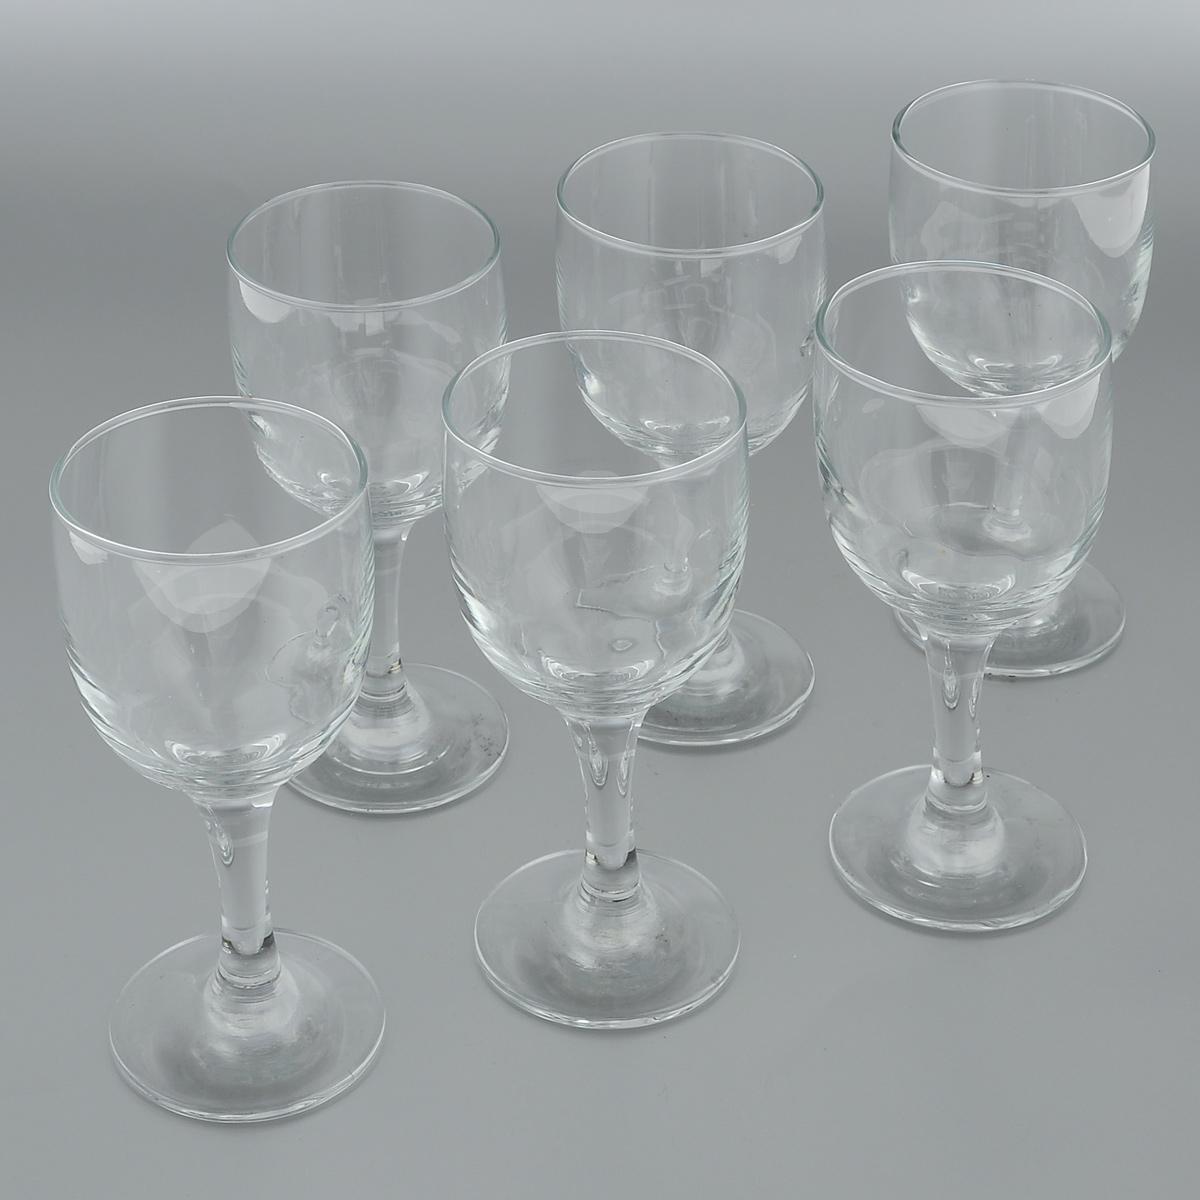 Набор бокалов для белого вина Pasabahce Royal, 240 мл, 6 штVT-1520(SR)Набор Pasabahce Royal состоит из шести бокалов, изготовленных из прочного натрий-кальций-силикатного стекла. Изделия, предназначенные для подачи белого вина, несомненно придутся вам по душе. Бокалы сочетают в себе элегантный дизайн и функциональность. Благодаря такому набору пить напитки будет еще вкуснее. Набор бокалов Pasabahce Royal идеально подойдет для сервировки стола и станет отличным подарком к любому празднику.Можно мыть в посудомоечной машине и использовать в микроволновой печи. Диаметр бокала по верхнему краю: 7 см.Высота бокала: 17 см.